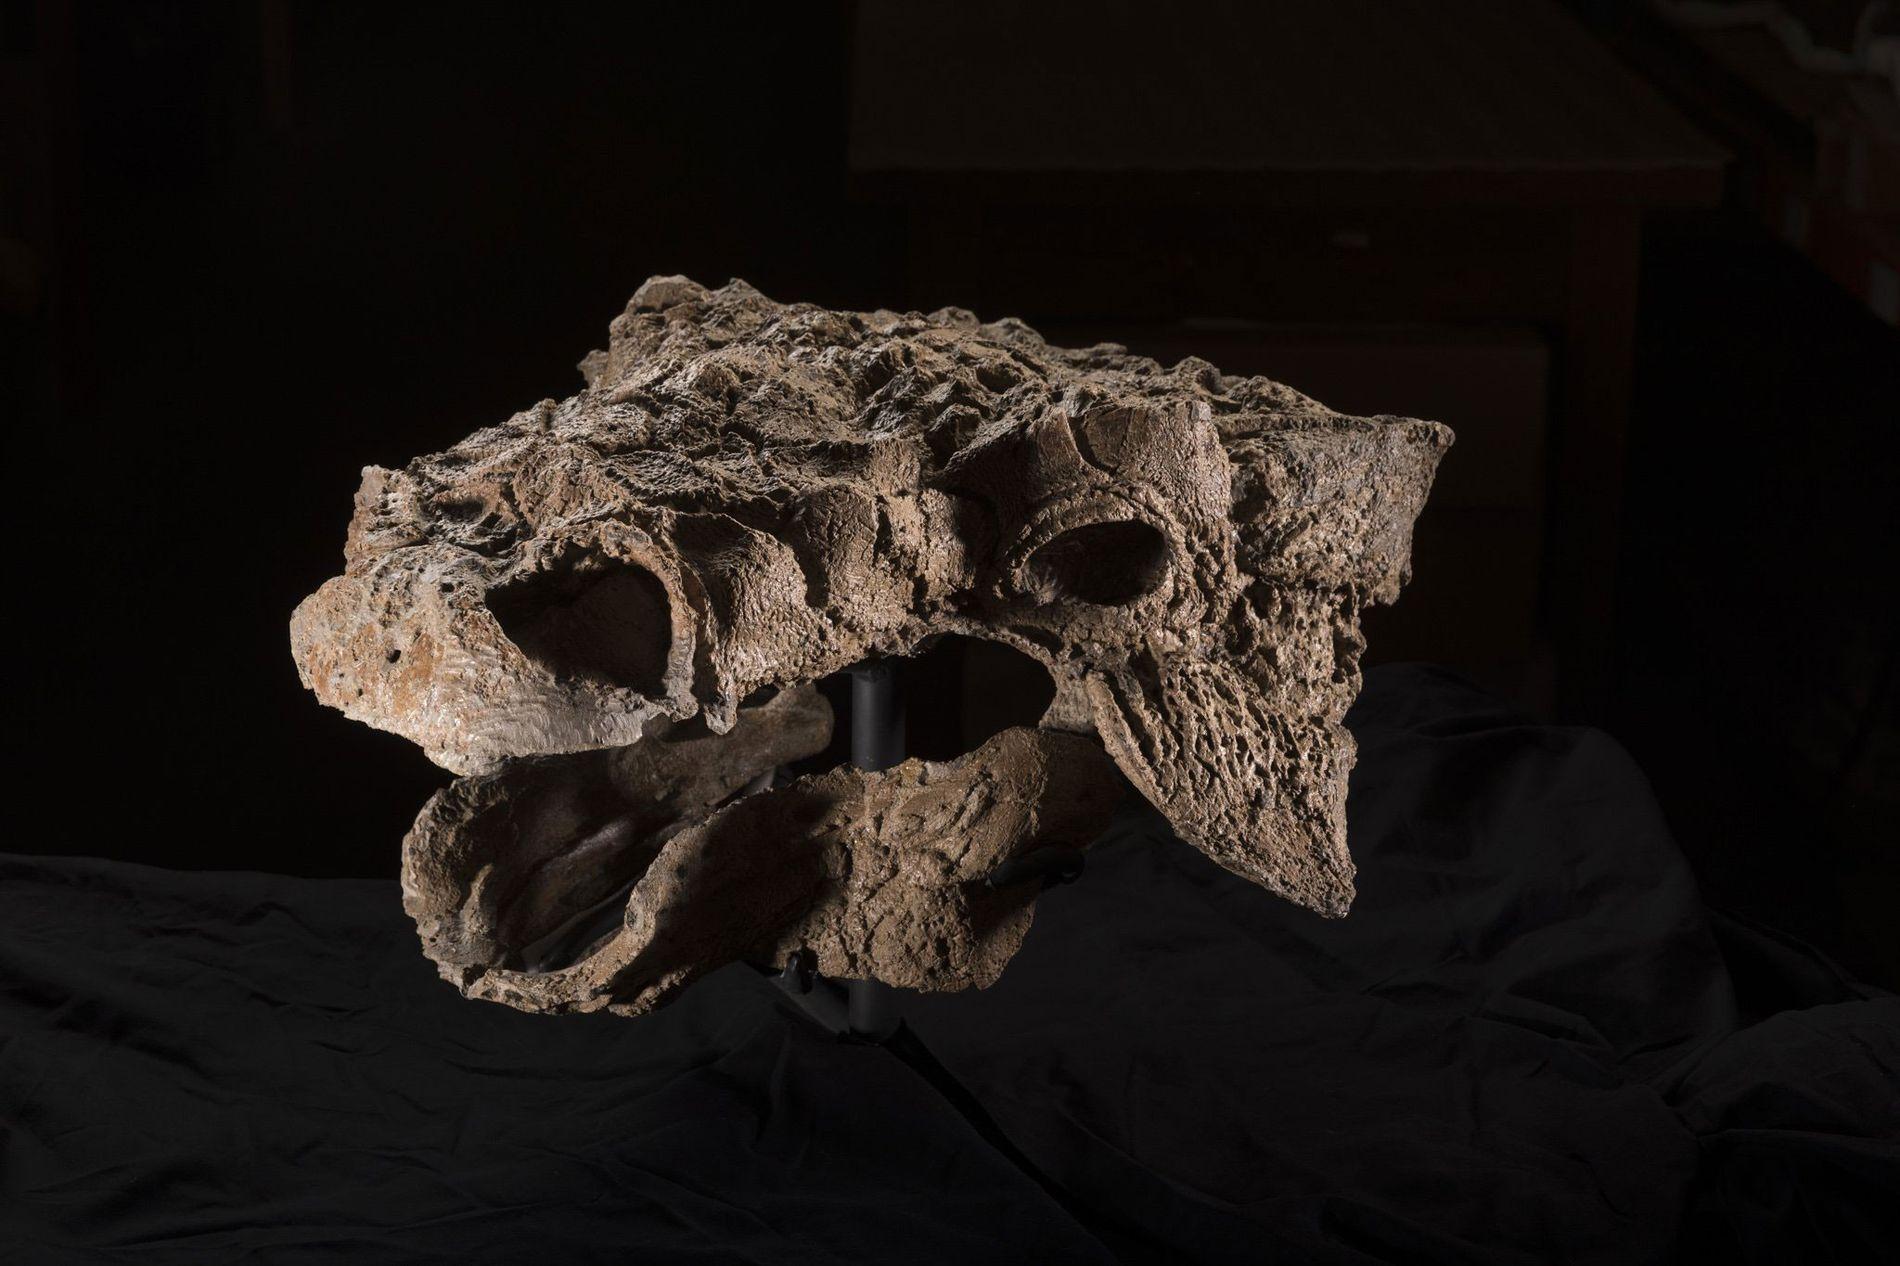 Des pics osseux saillissent du crâne de Zuul crurivastator, un dinosaure cuirassé dont le squelette est l'un des plus complets jamais mis au jour. En raison de son apparence démoniaque, les chercheurs ont décidé de le baptiser d'après un monstre du film SOS Fantômes. Mais l'animal n'était pas assoiffé de sang : Zuul était herbivore et aimait par-dessus tout les bourgeons.